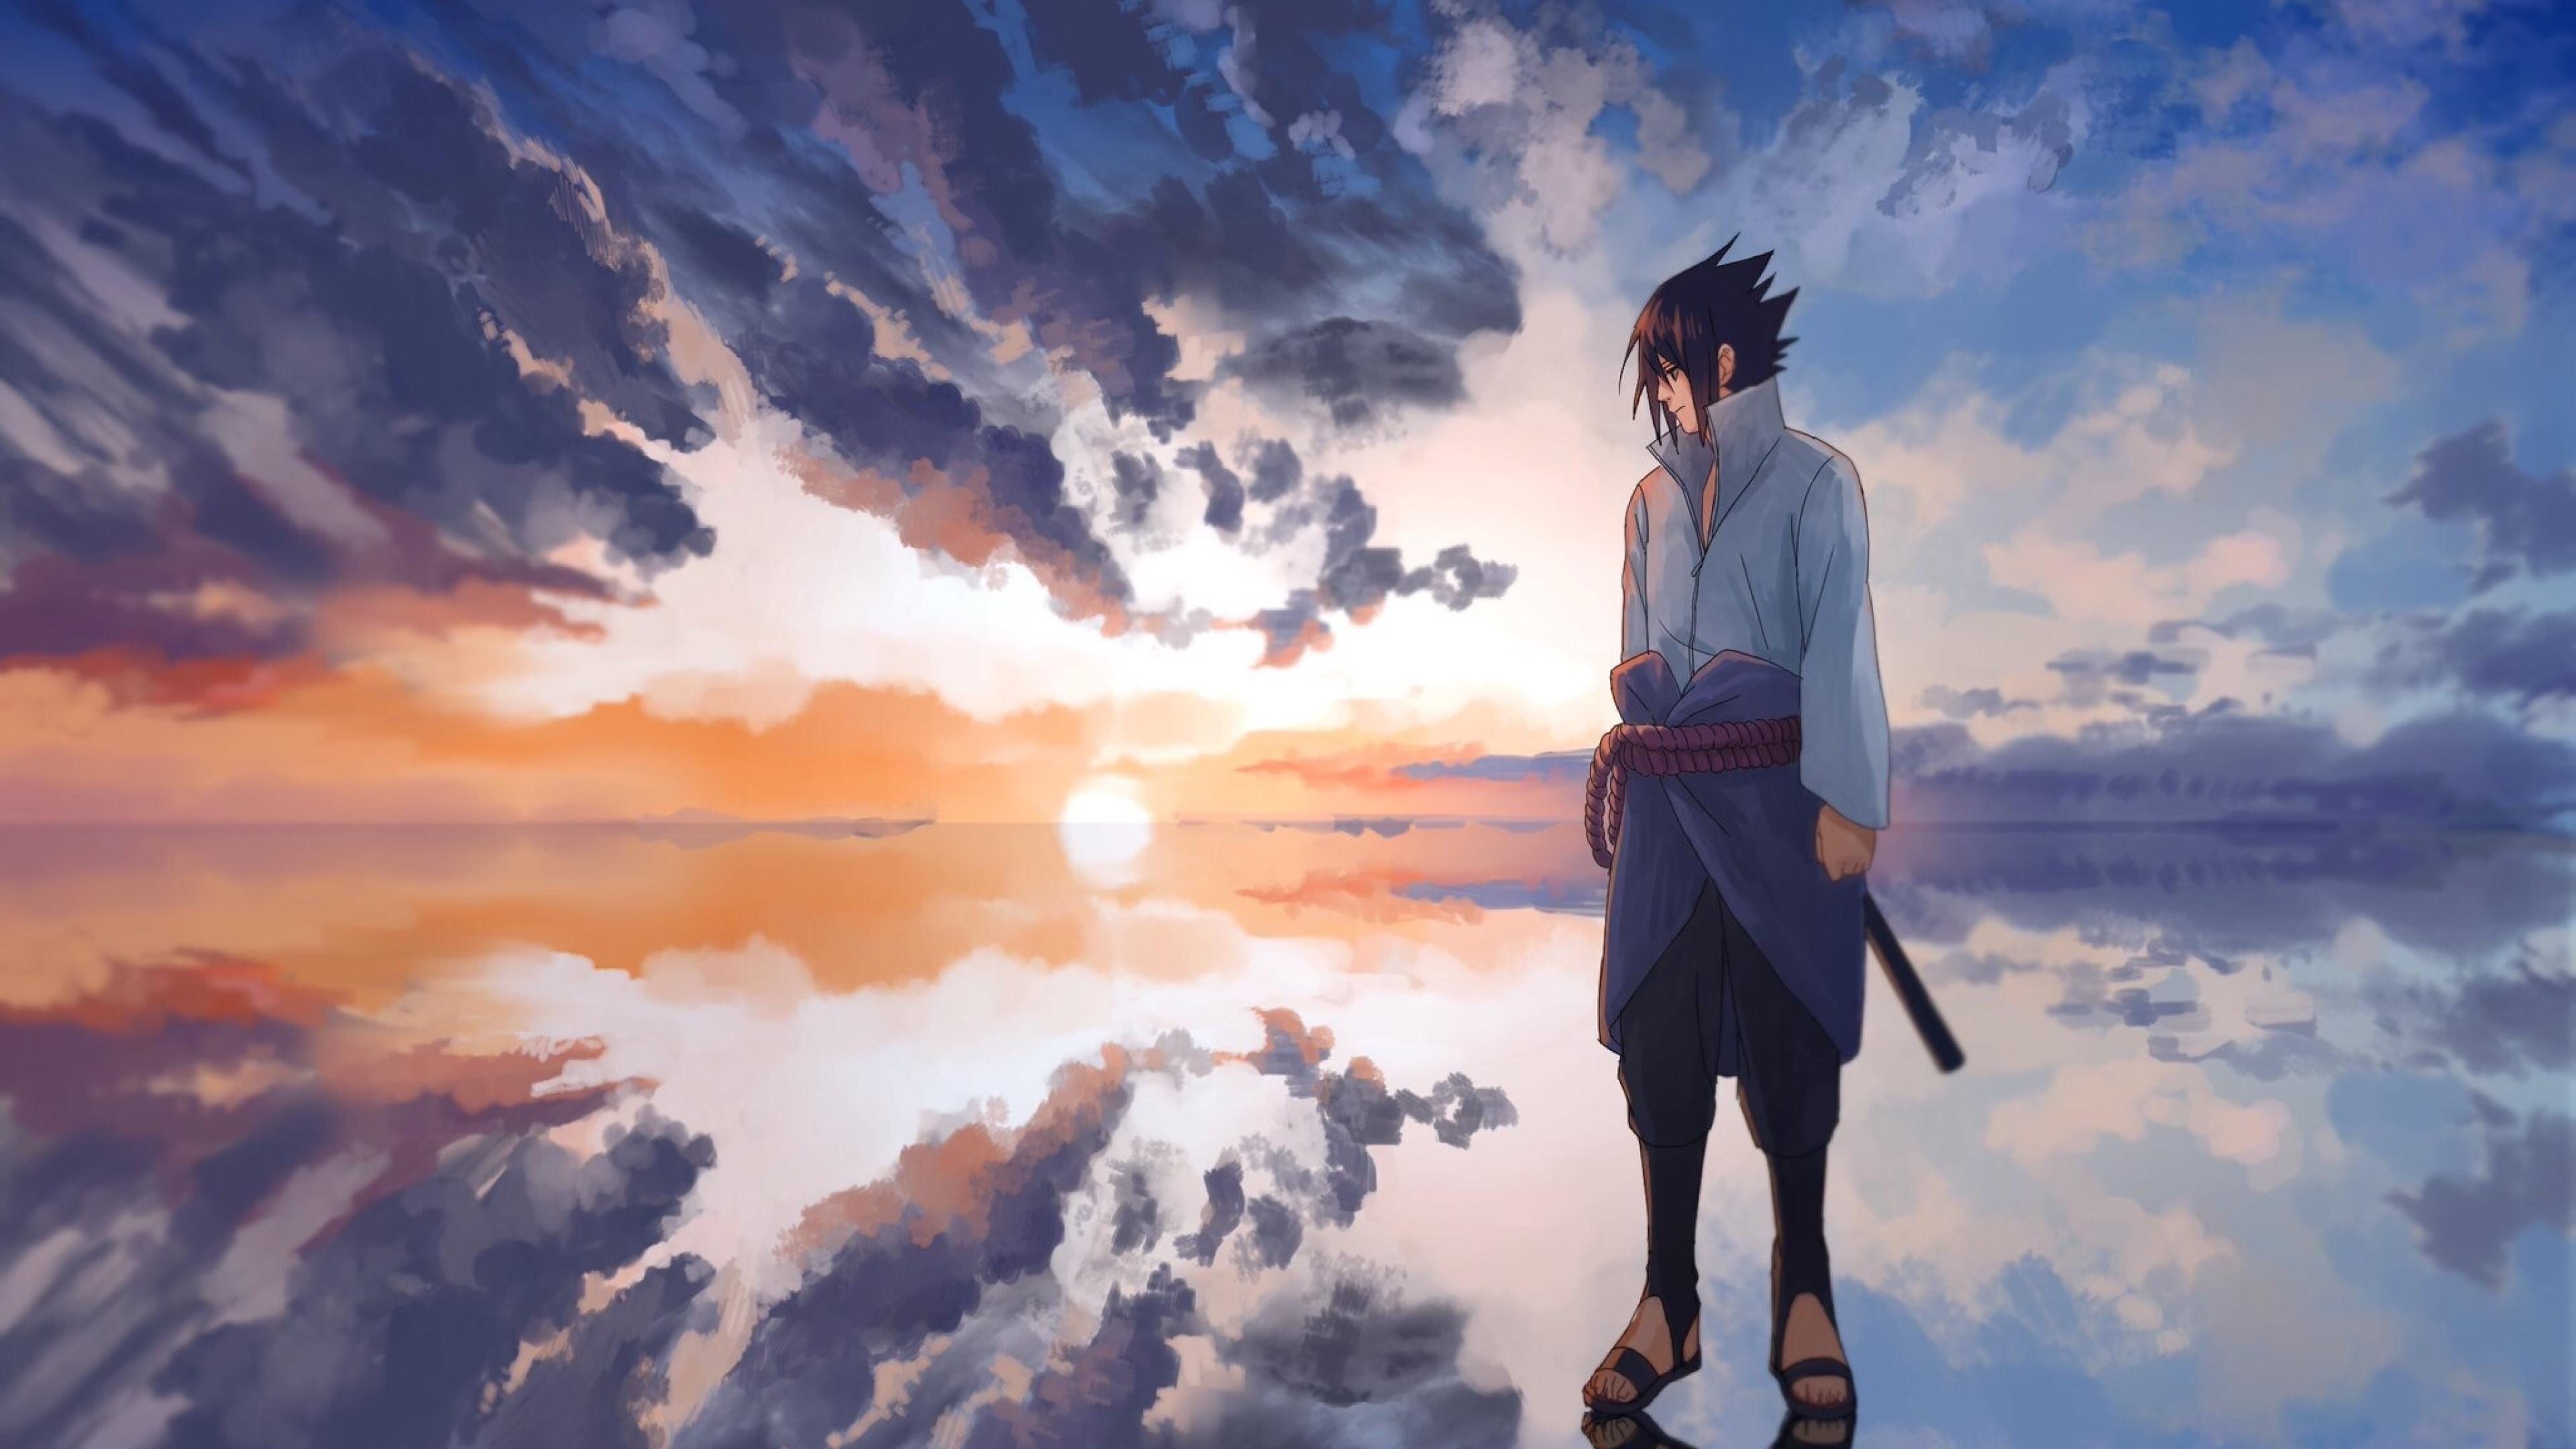 anime sasuke